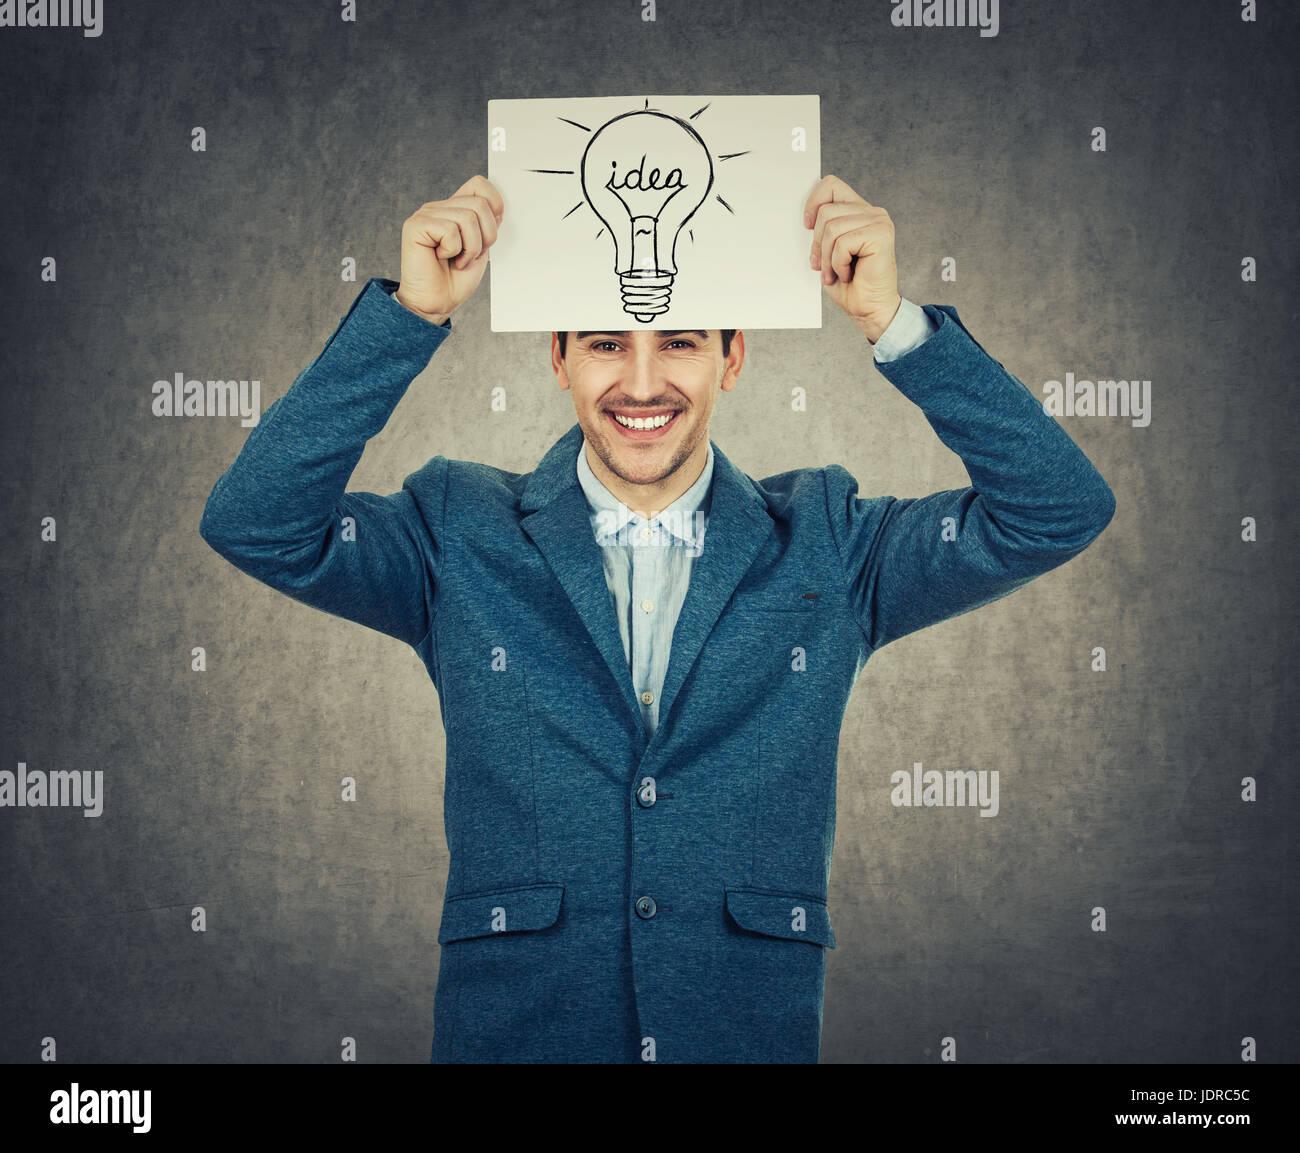 Empresario o maestro sonriente sosteniendo un libro blanco sobre su cabeza con una bombilla de boceto. La ciencia Imagen De Stock